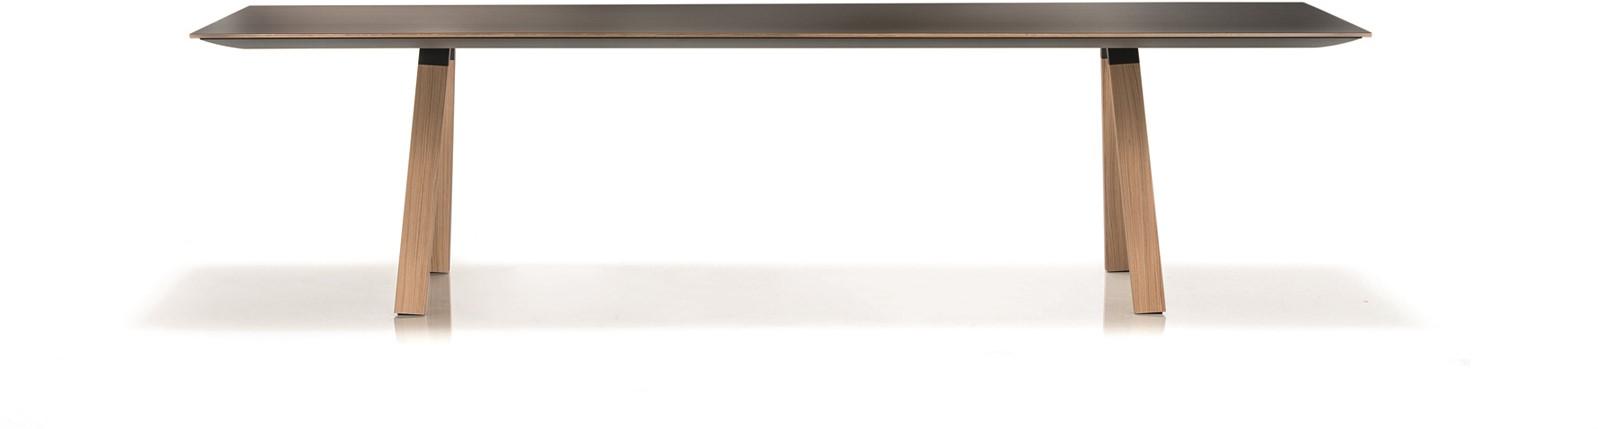 Tafel Wit Blad Houten Poten.Arki Tafel Wood Design Vergadertafel Met Een Dun Volkern Blad En